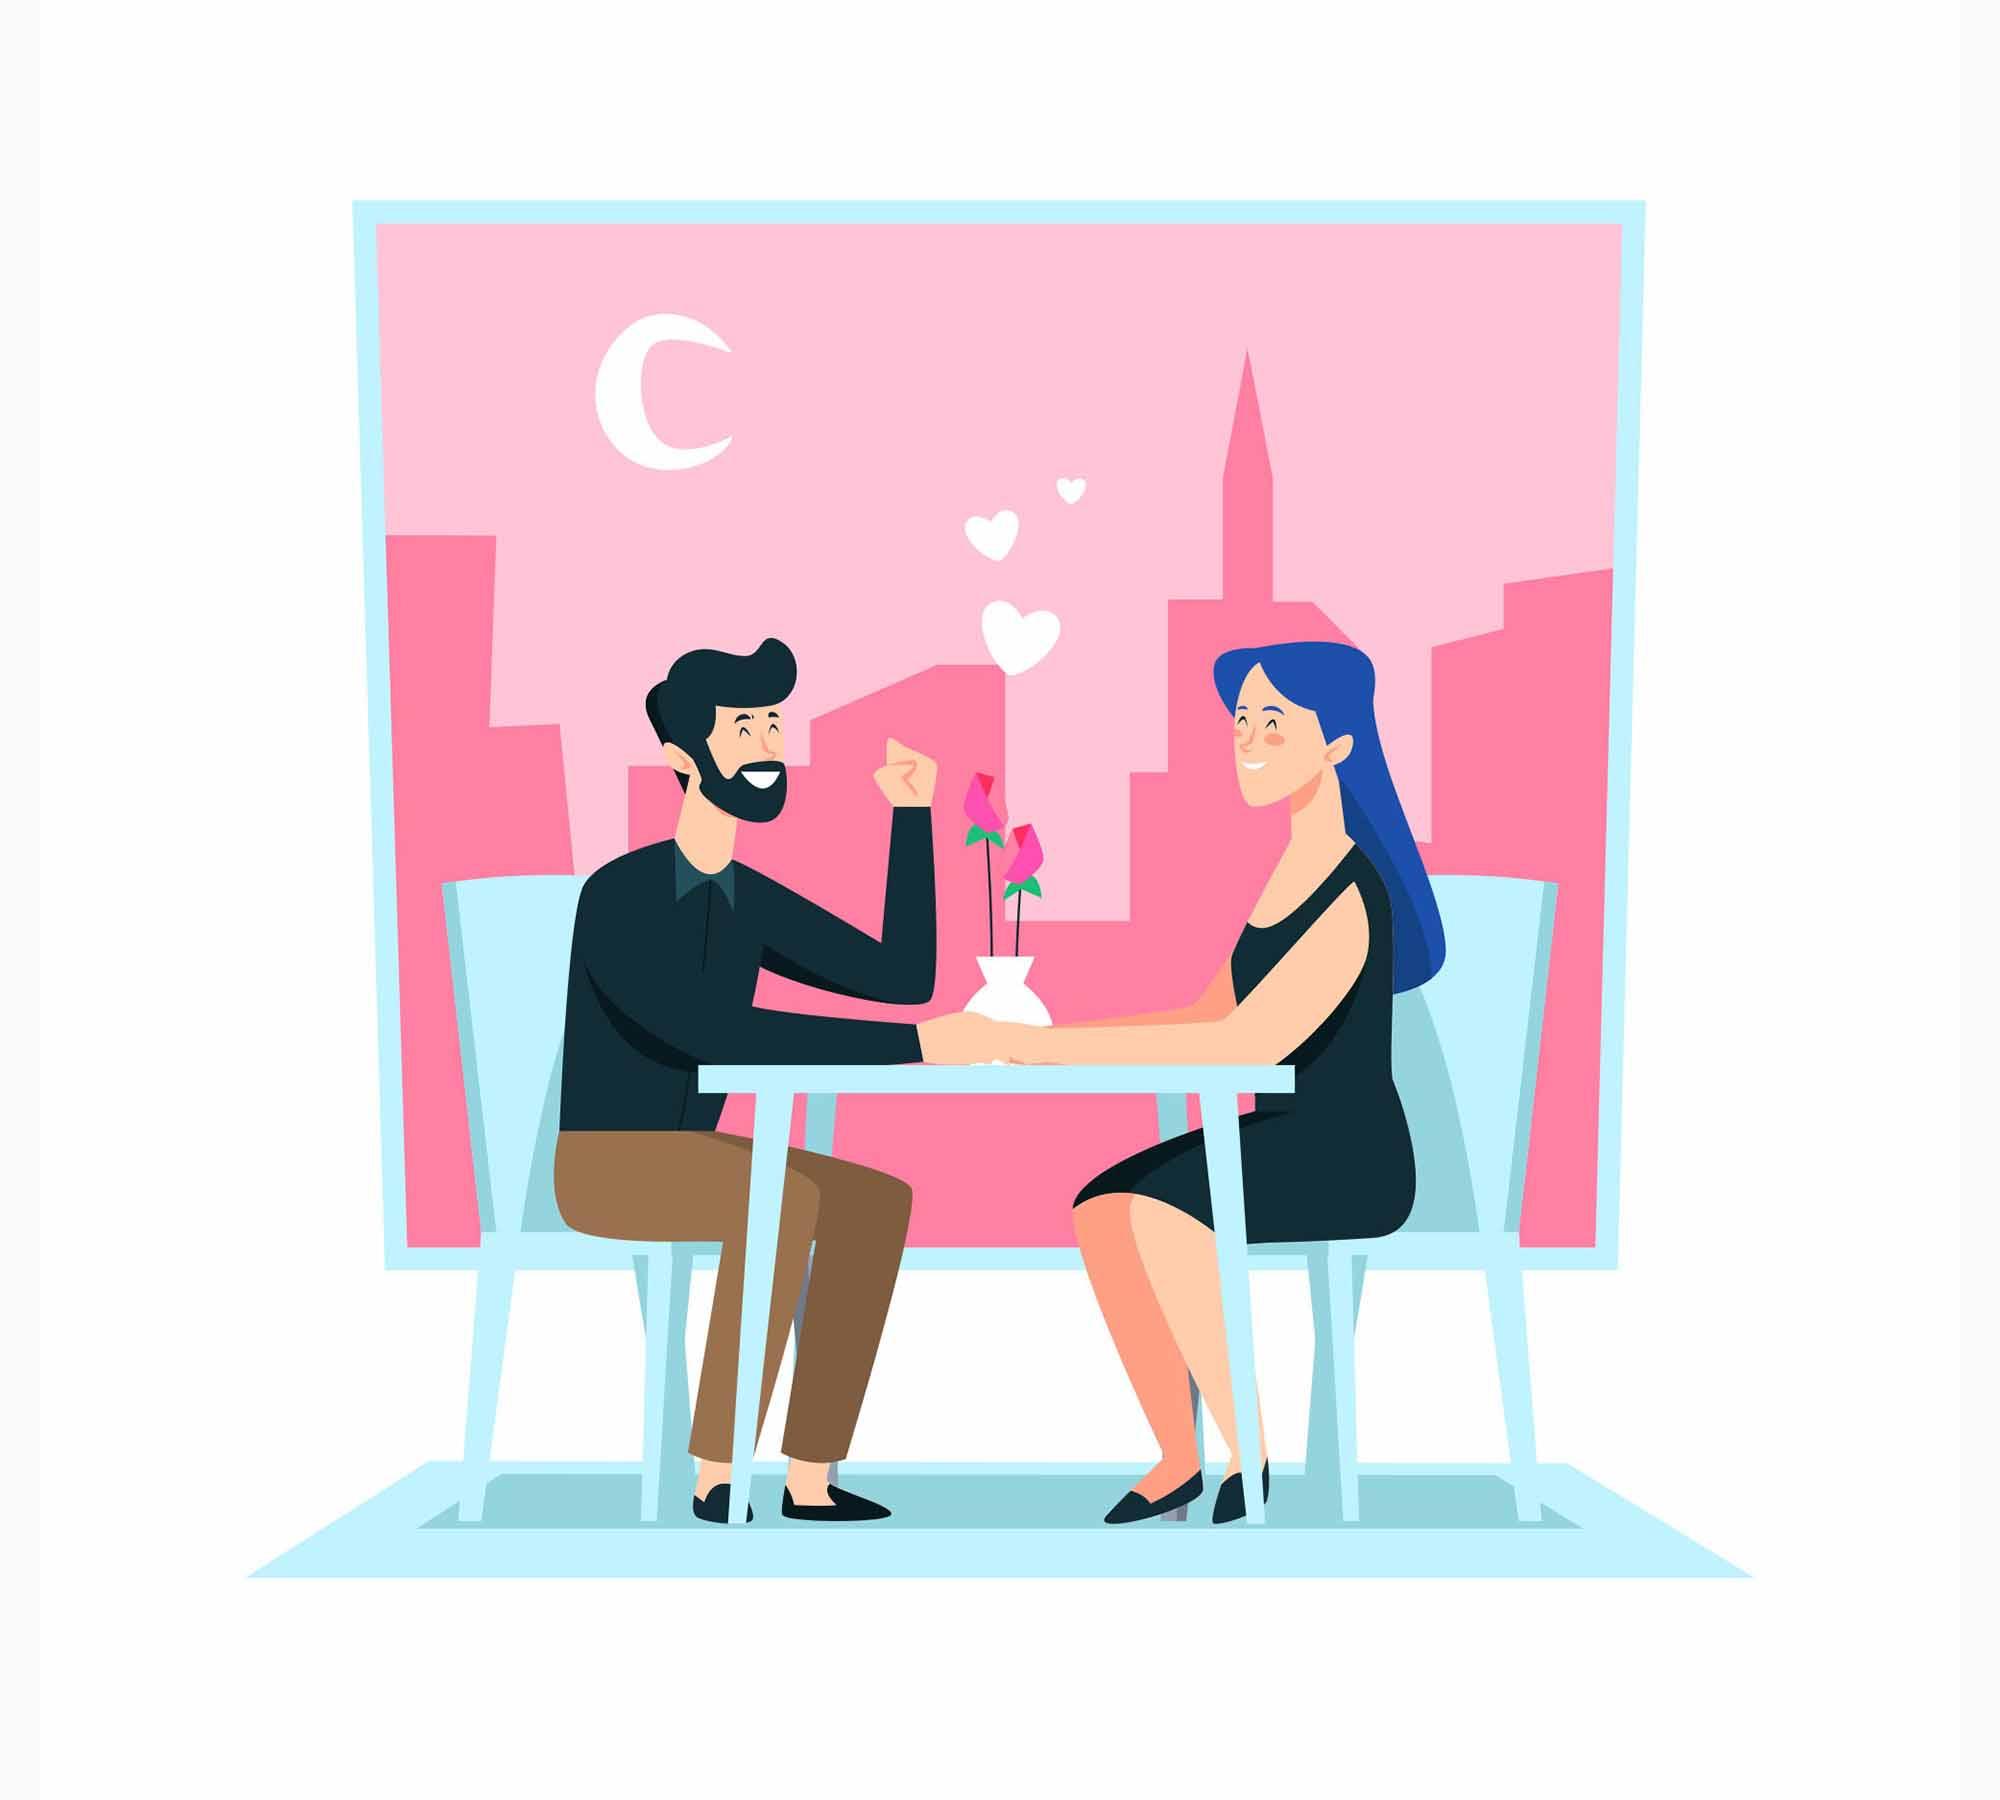 Dating Vector Illustration